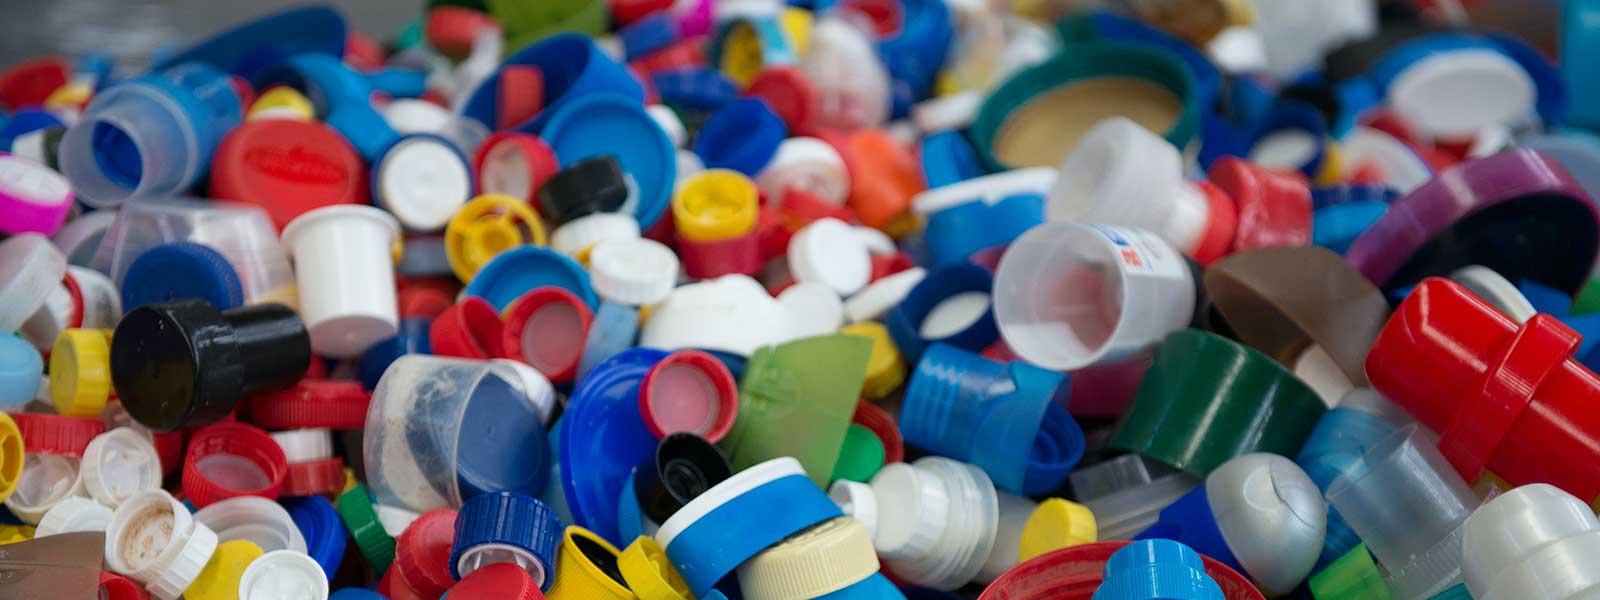 RUA_PAPEL_gestion integral de residuos tapones de plastico objetivo residuo cero slide 3